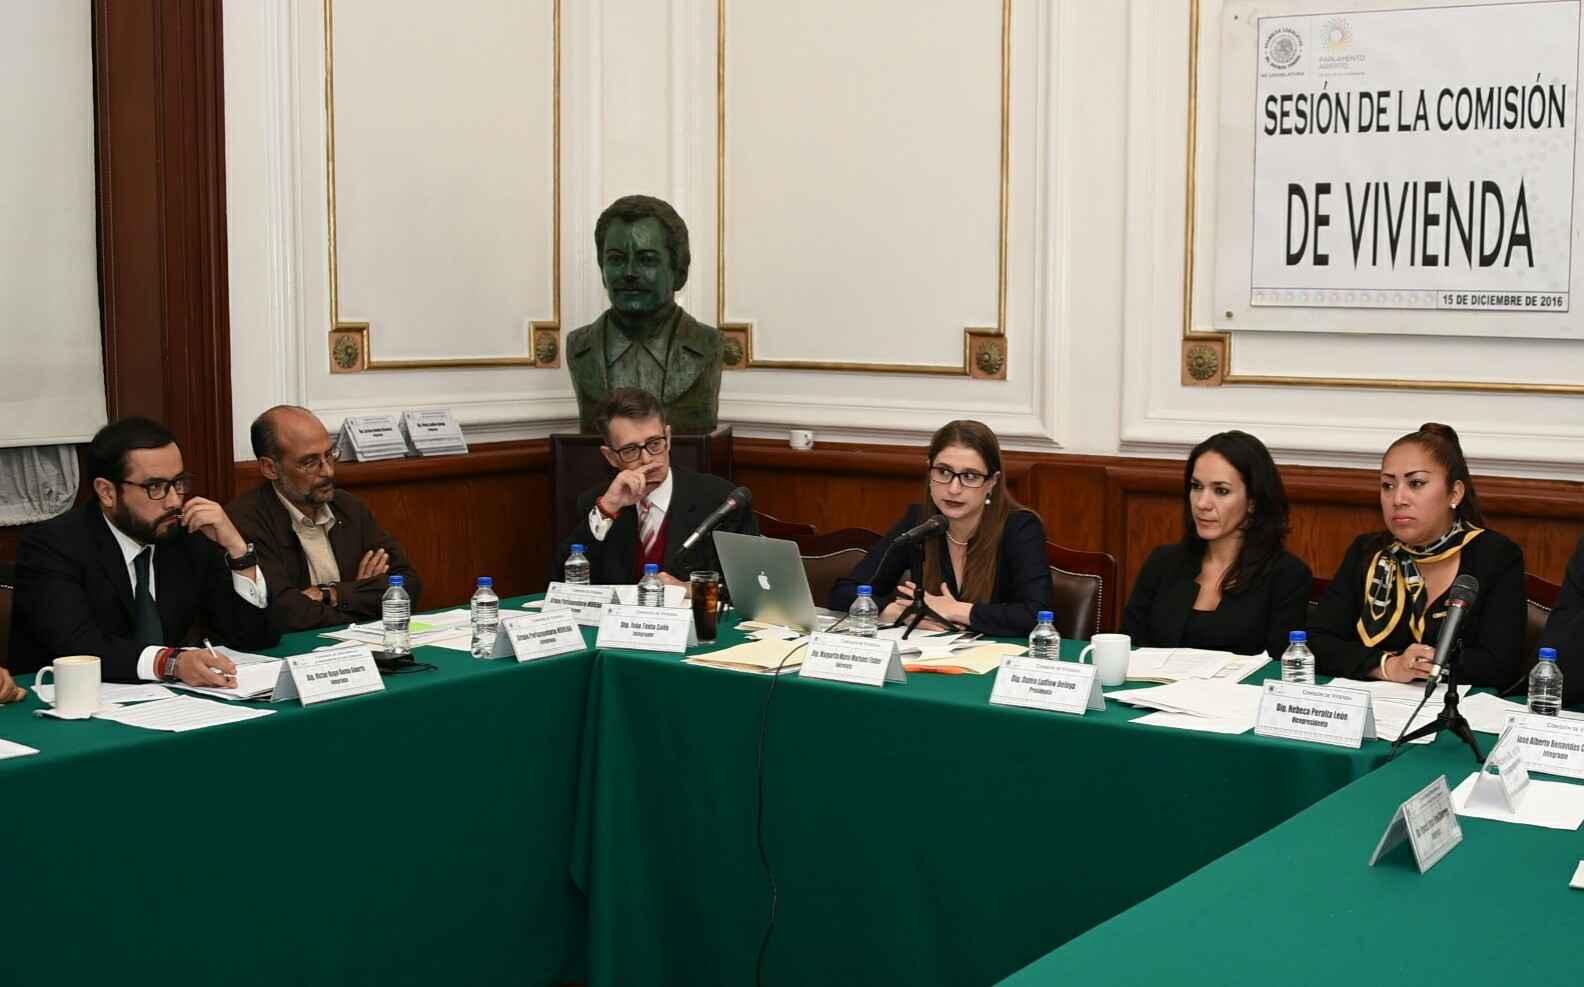 Legisladores eliminan concepto de plusvalías en Ley de Vivienda CDMX